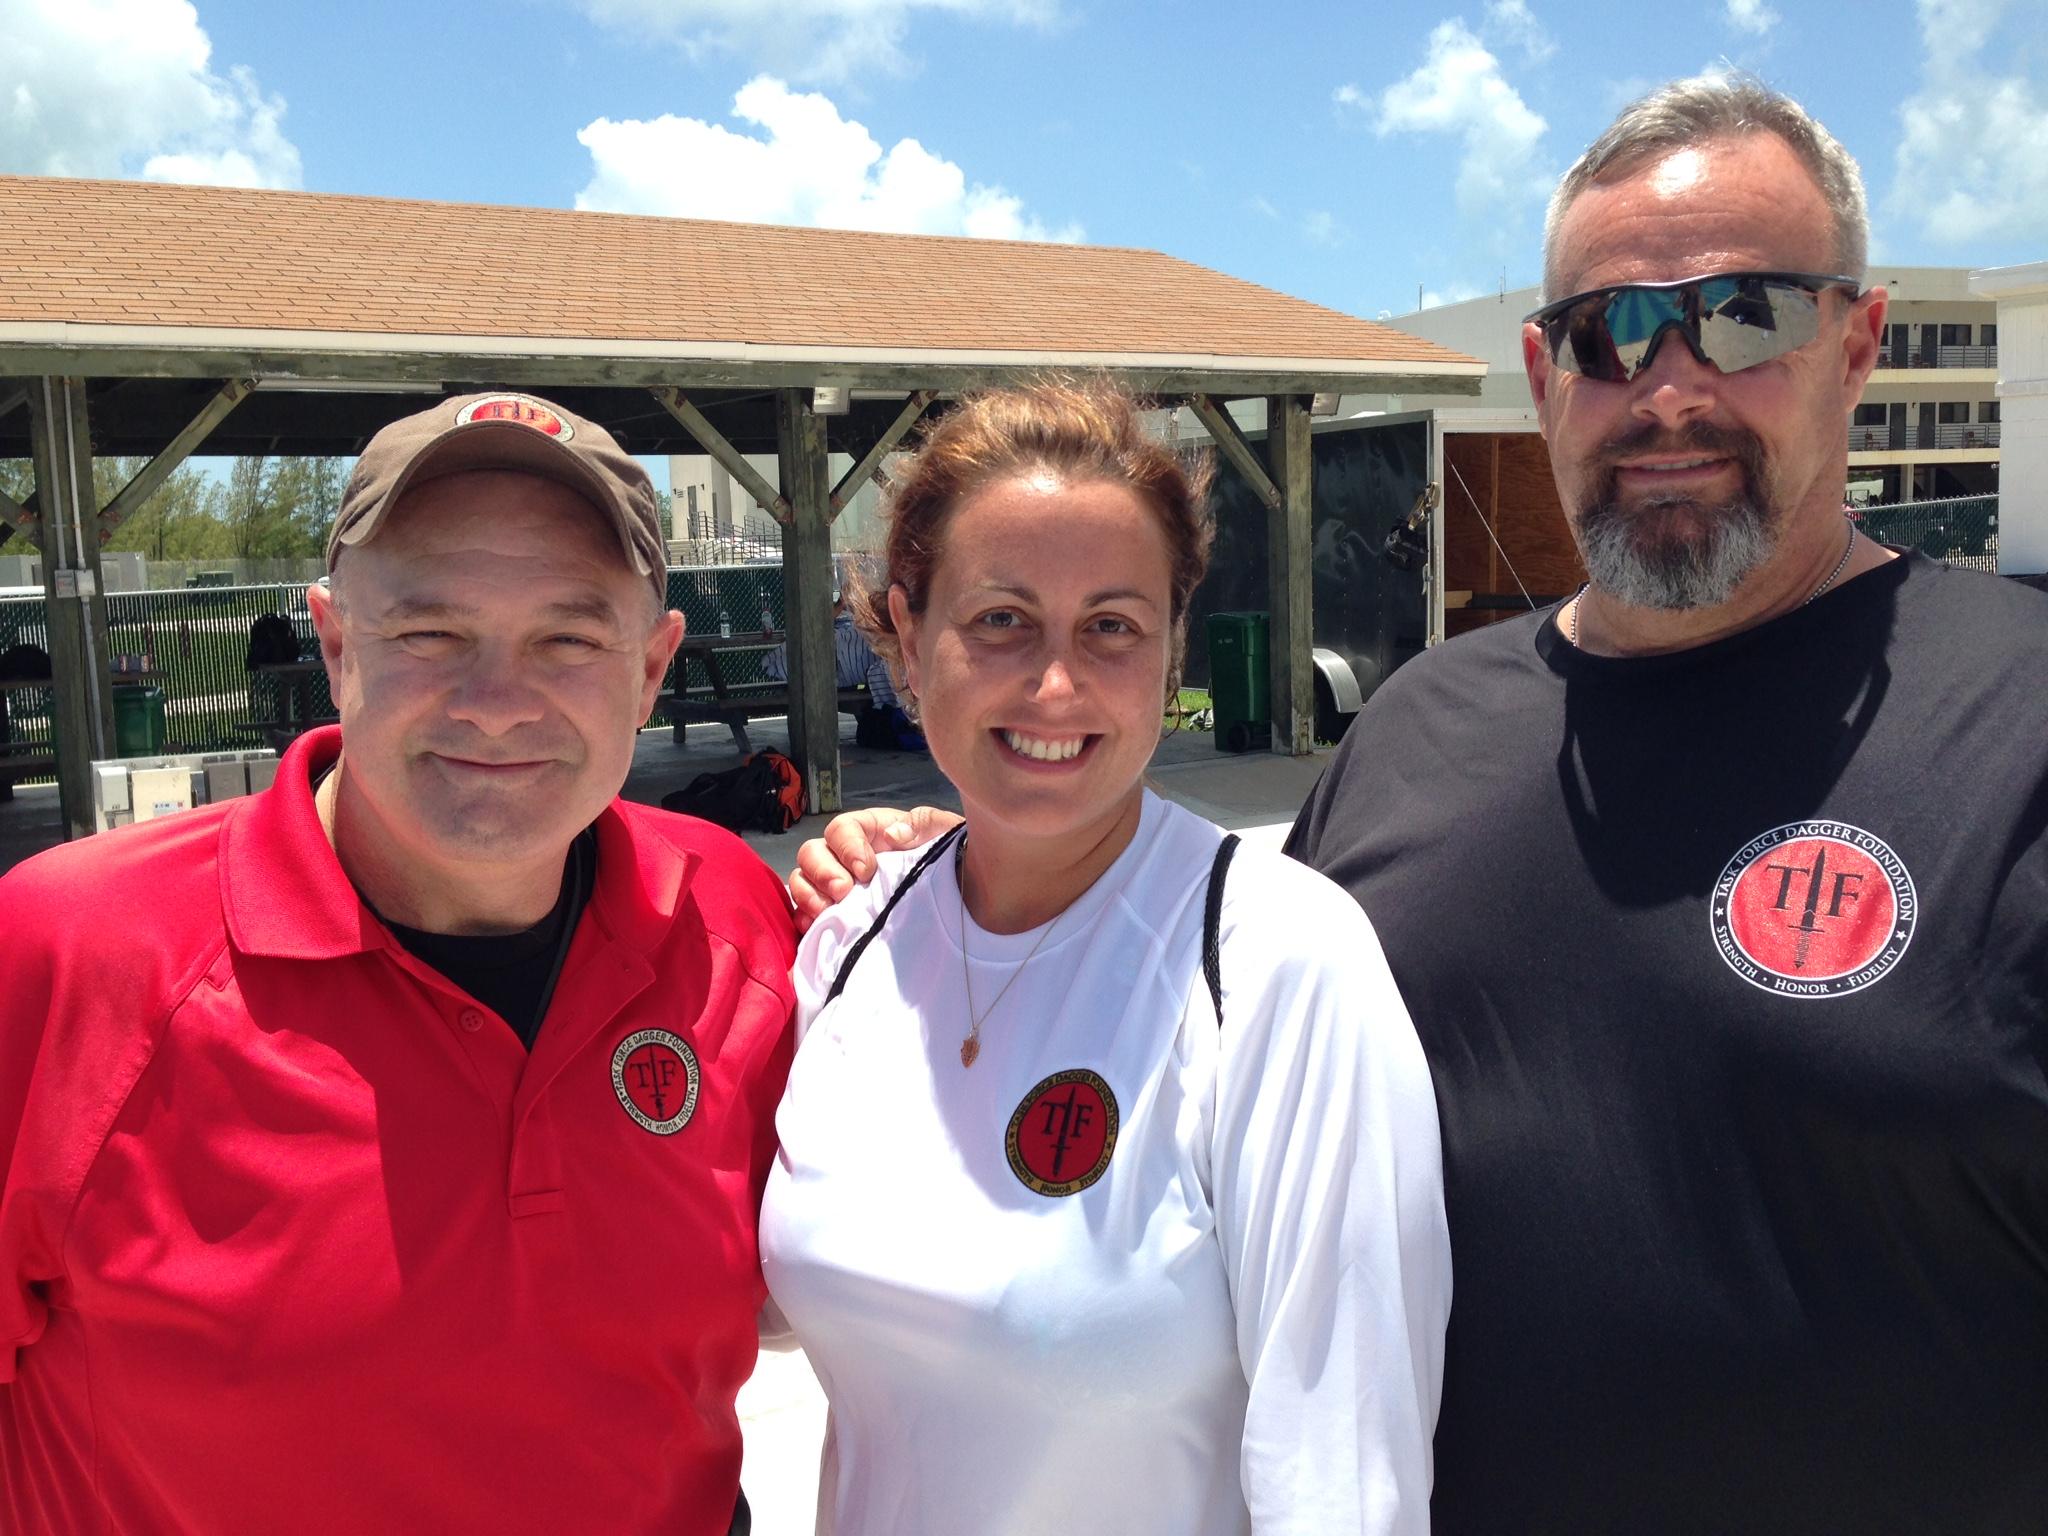 Keith David - Task Force Dagger, Louise, Jeff Falkel